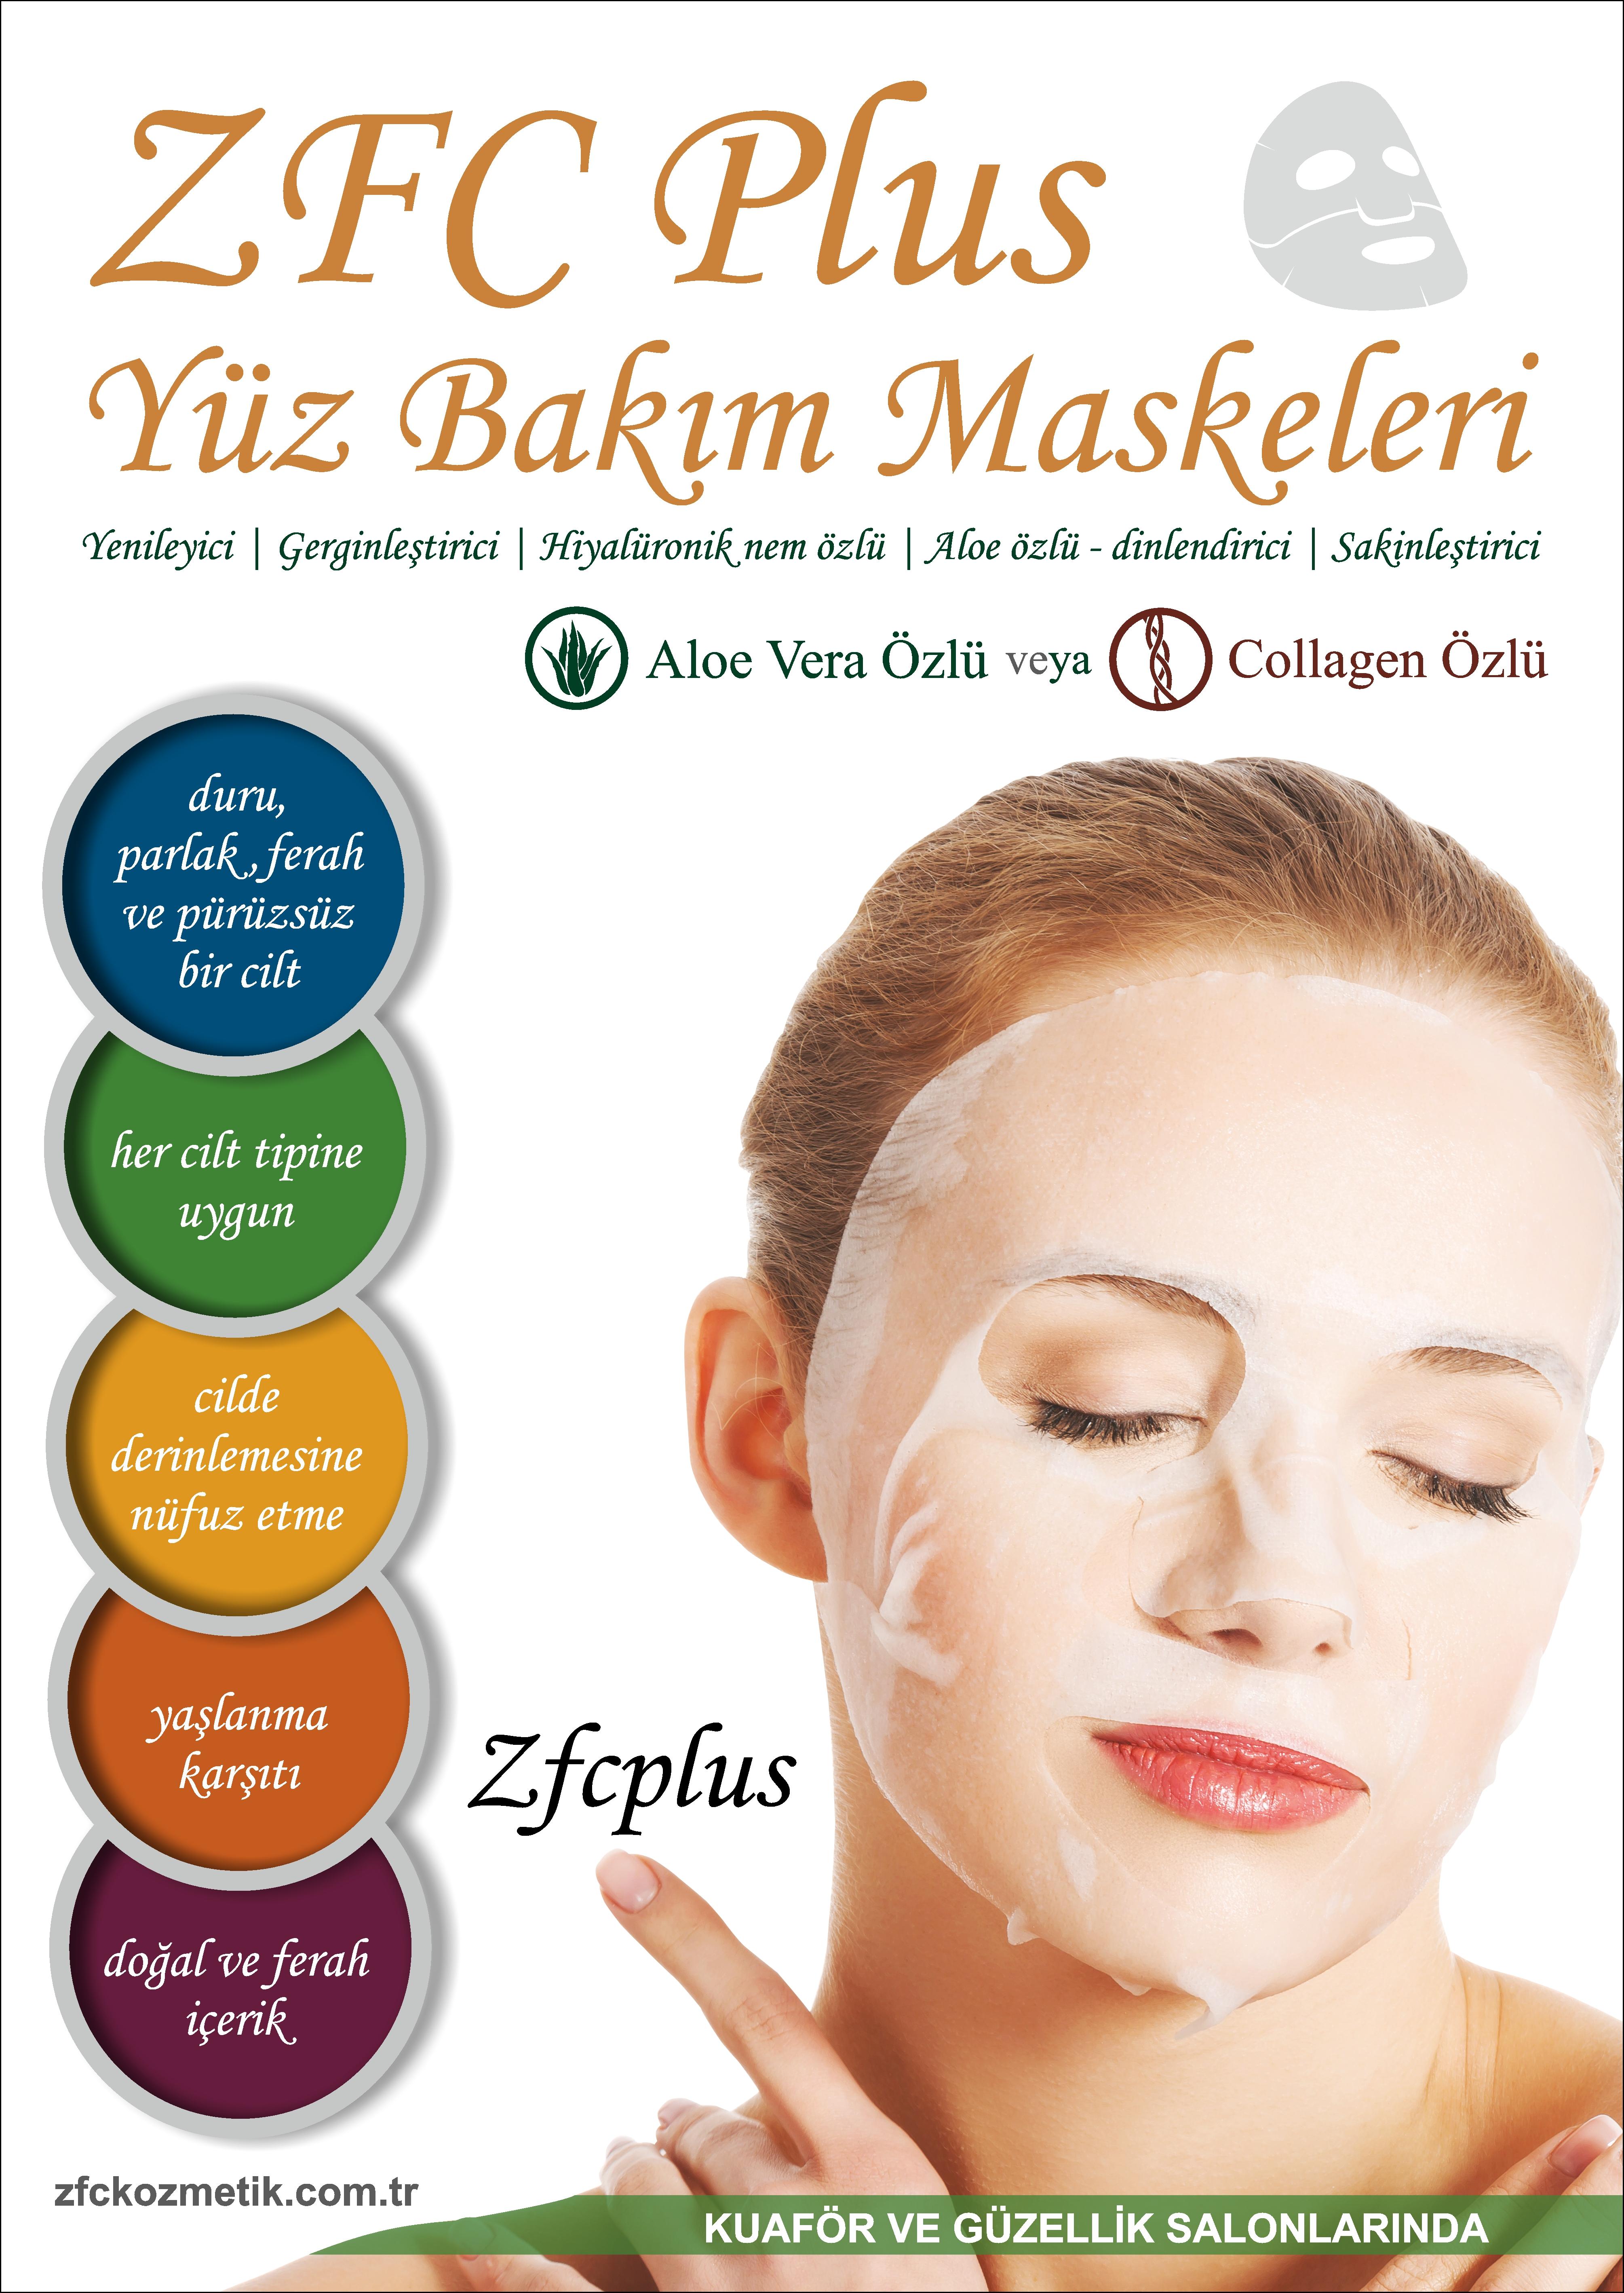 Cilde sağlık ve ışıltı veren maskeler